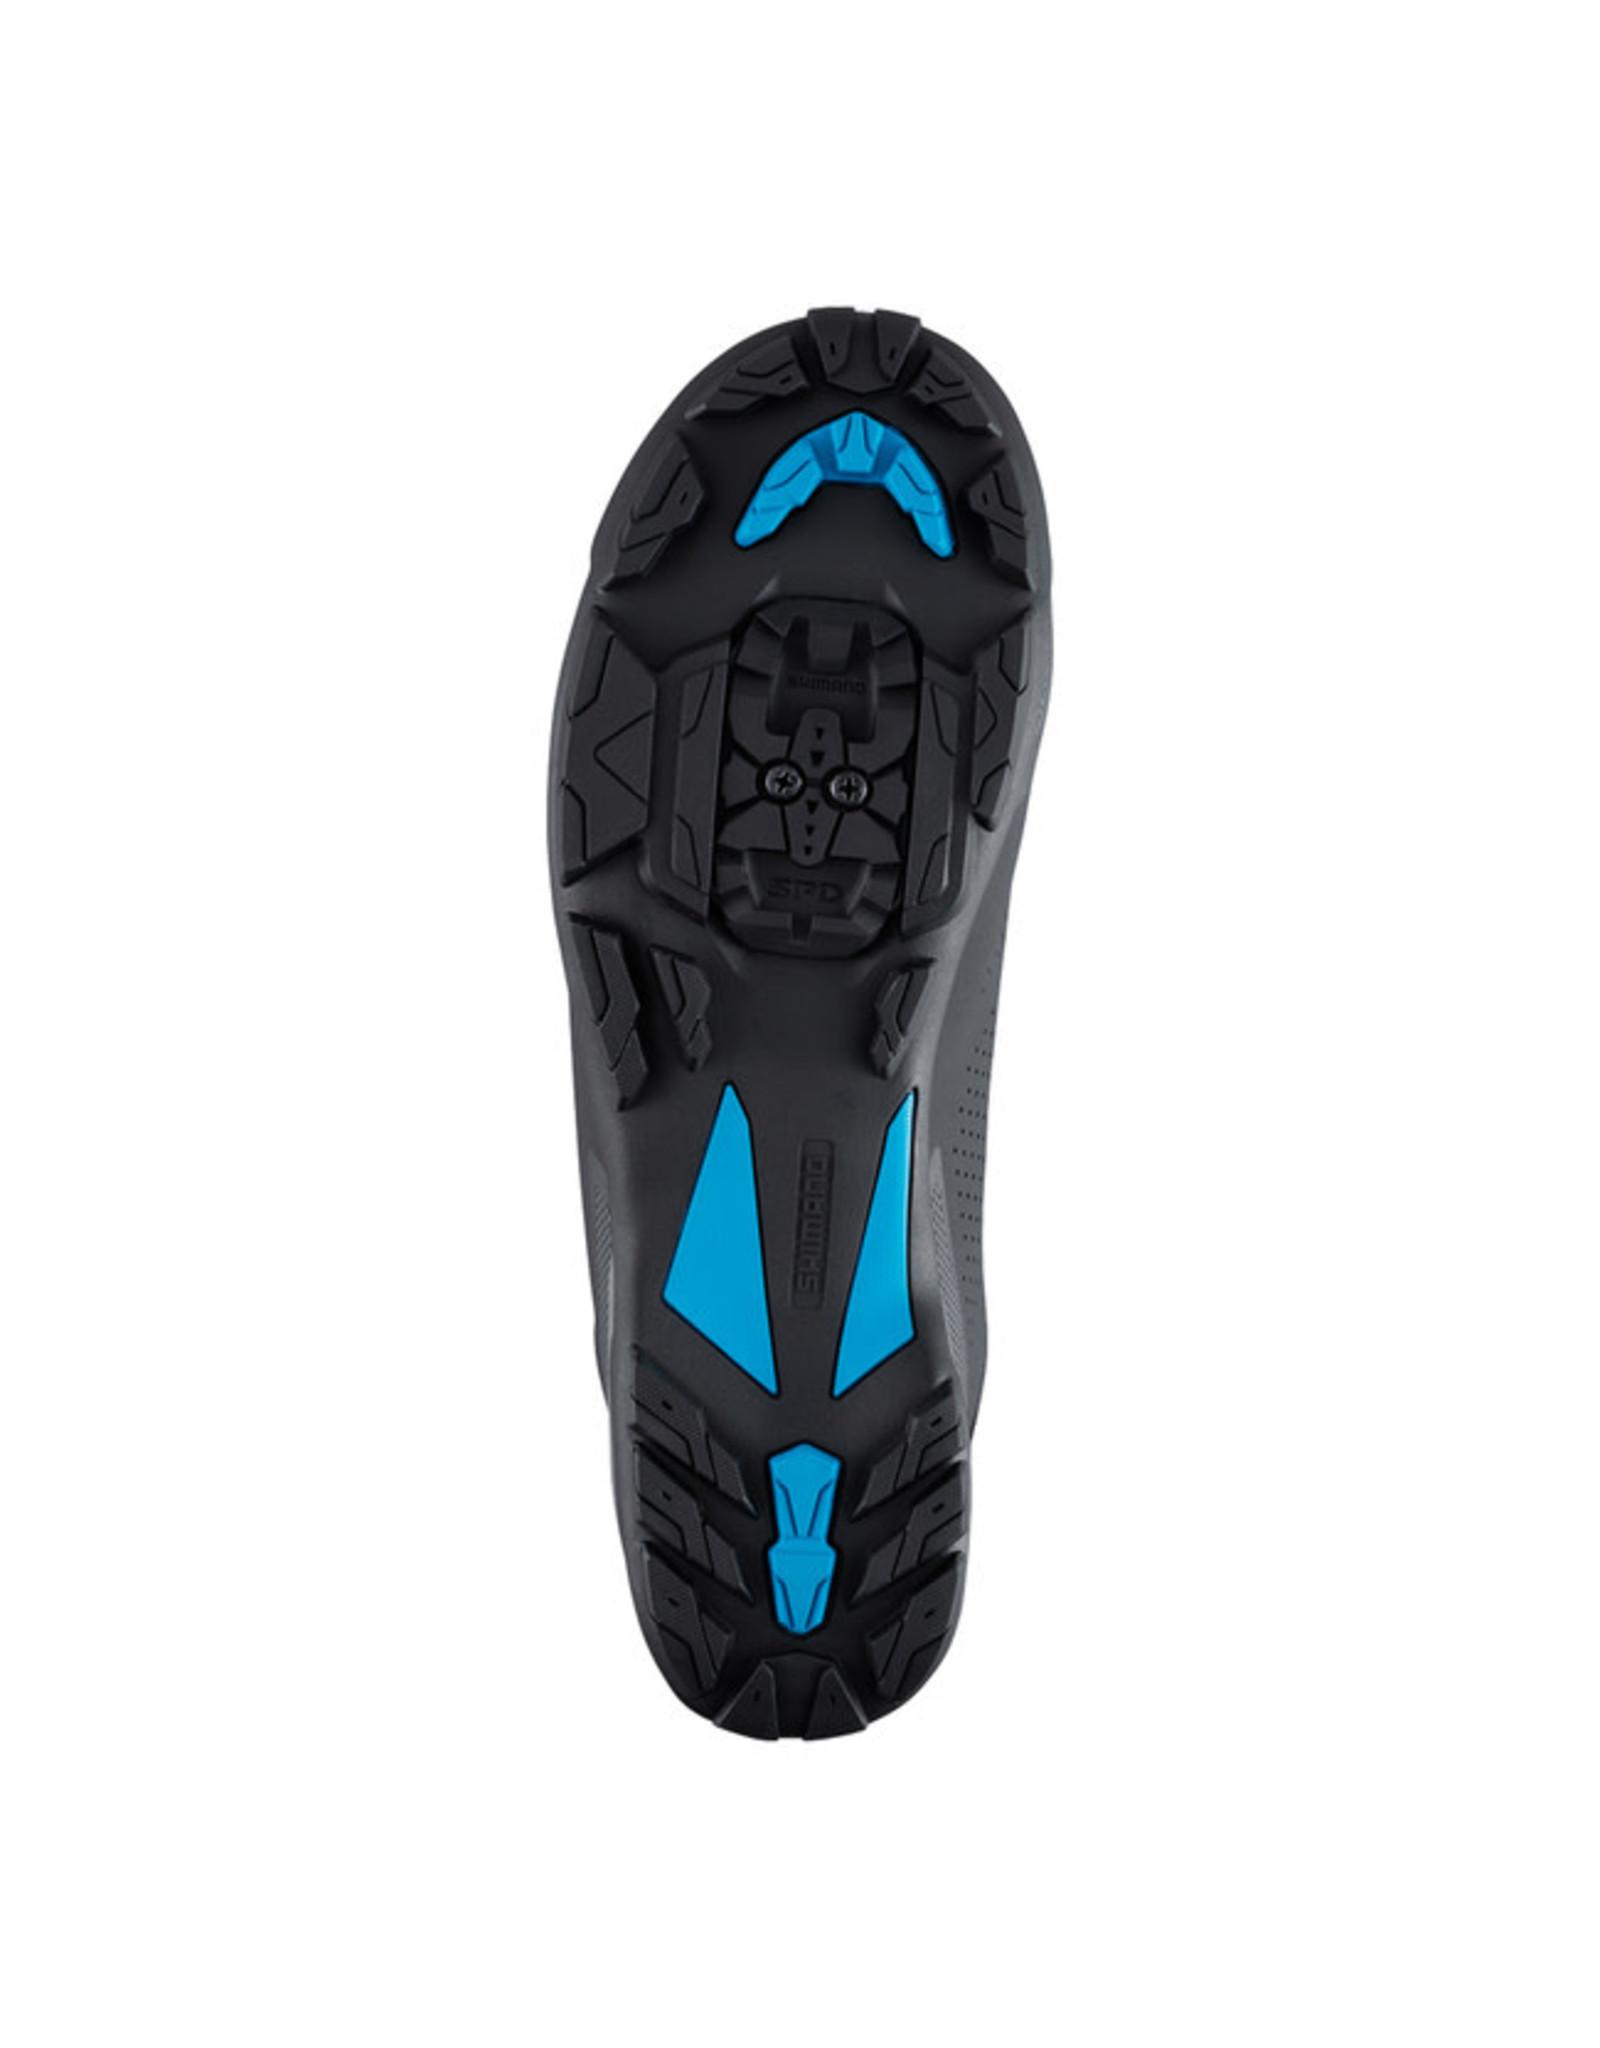 Shimano Shimano MT3 shoes